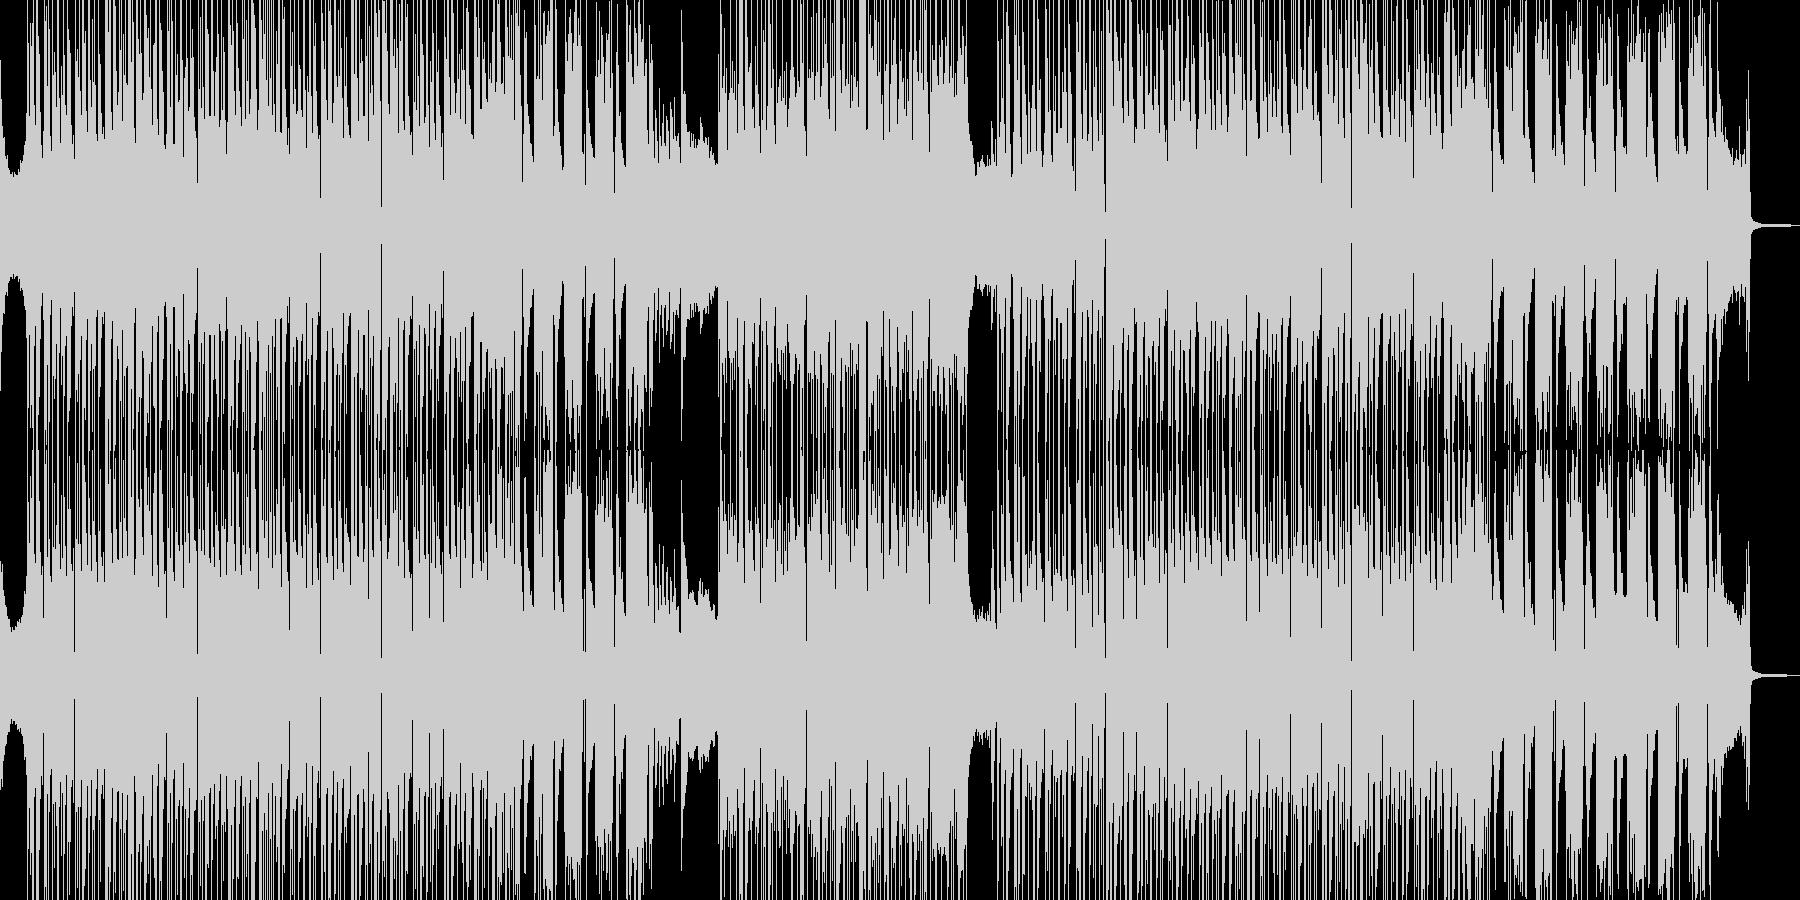 オシャレでシック・疾走するビート 短尺★の未再生の波形